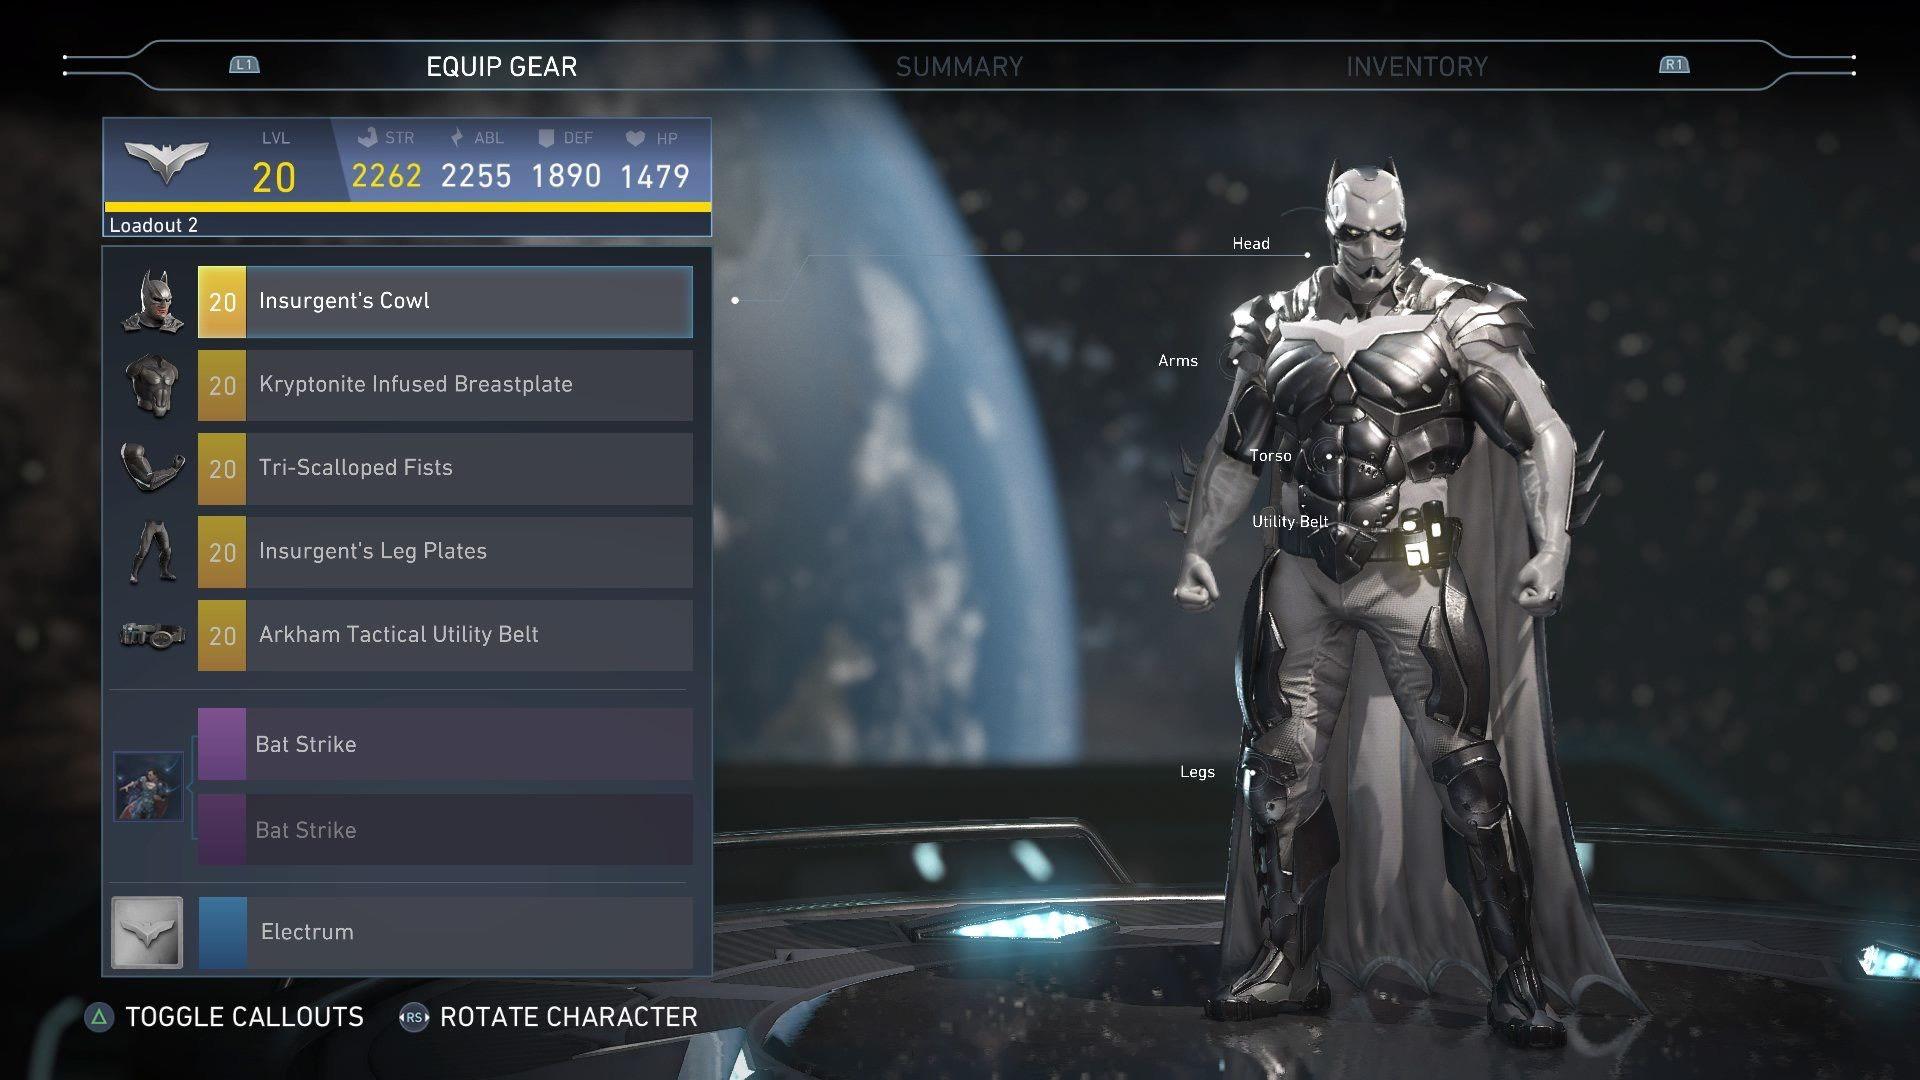 Batman Electrum Injustice 2 Batman Art The Revenant Batman